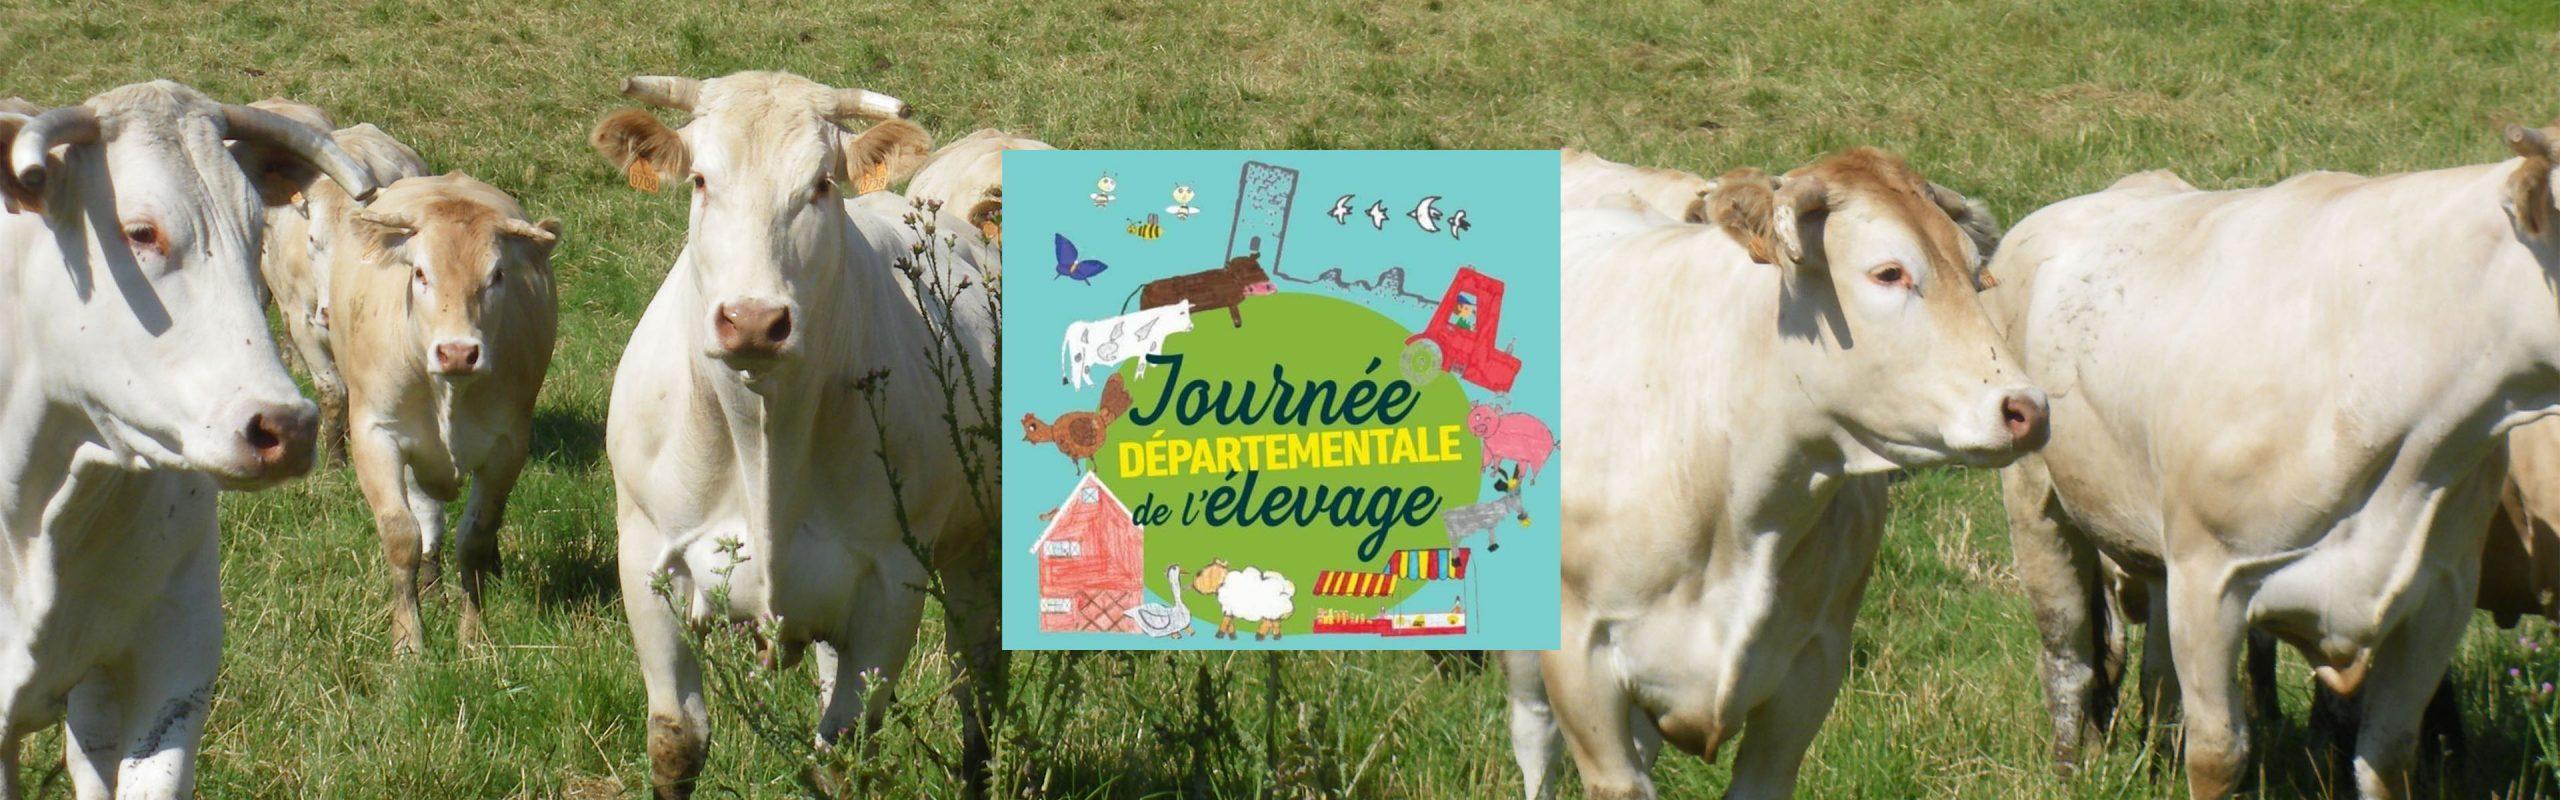 Journée de l'élevage à Gavaudun en lot-et-garonne avec le groupe Terres du Sud